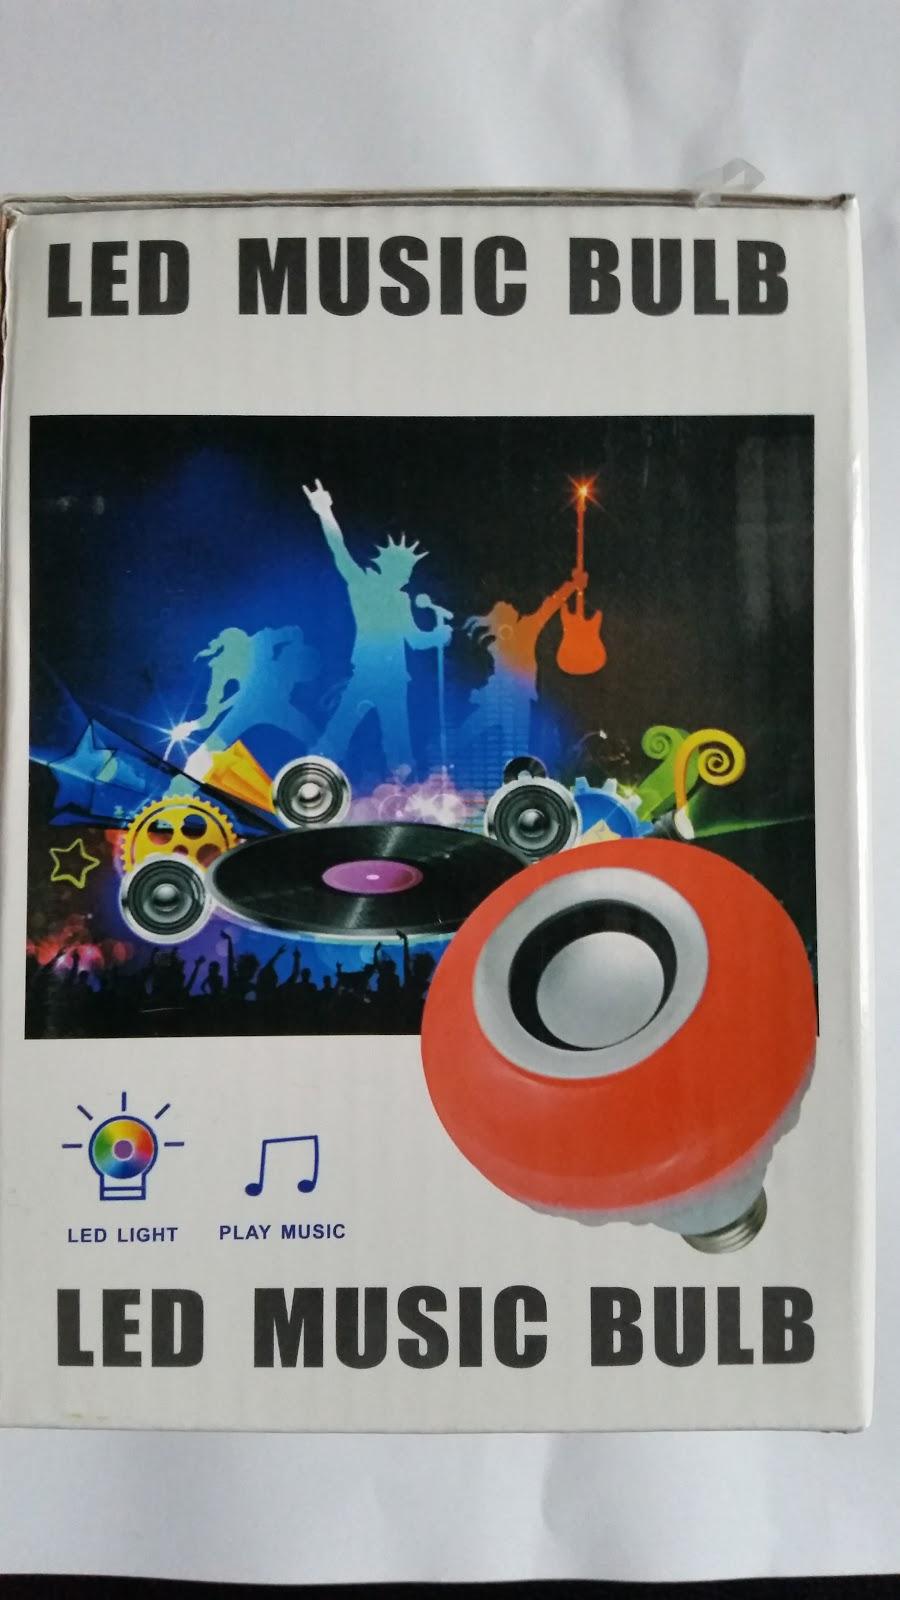 Hot Wireless Bluetooth 6W LED Président Bulb audio Haut-parleur Musique LED Jouer éclairage avec 24 touches E27 20pcs de contrôle à distance ww.avalonkef.com fg.jpg